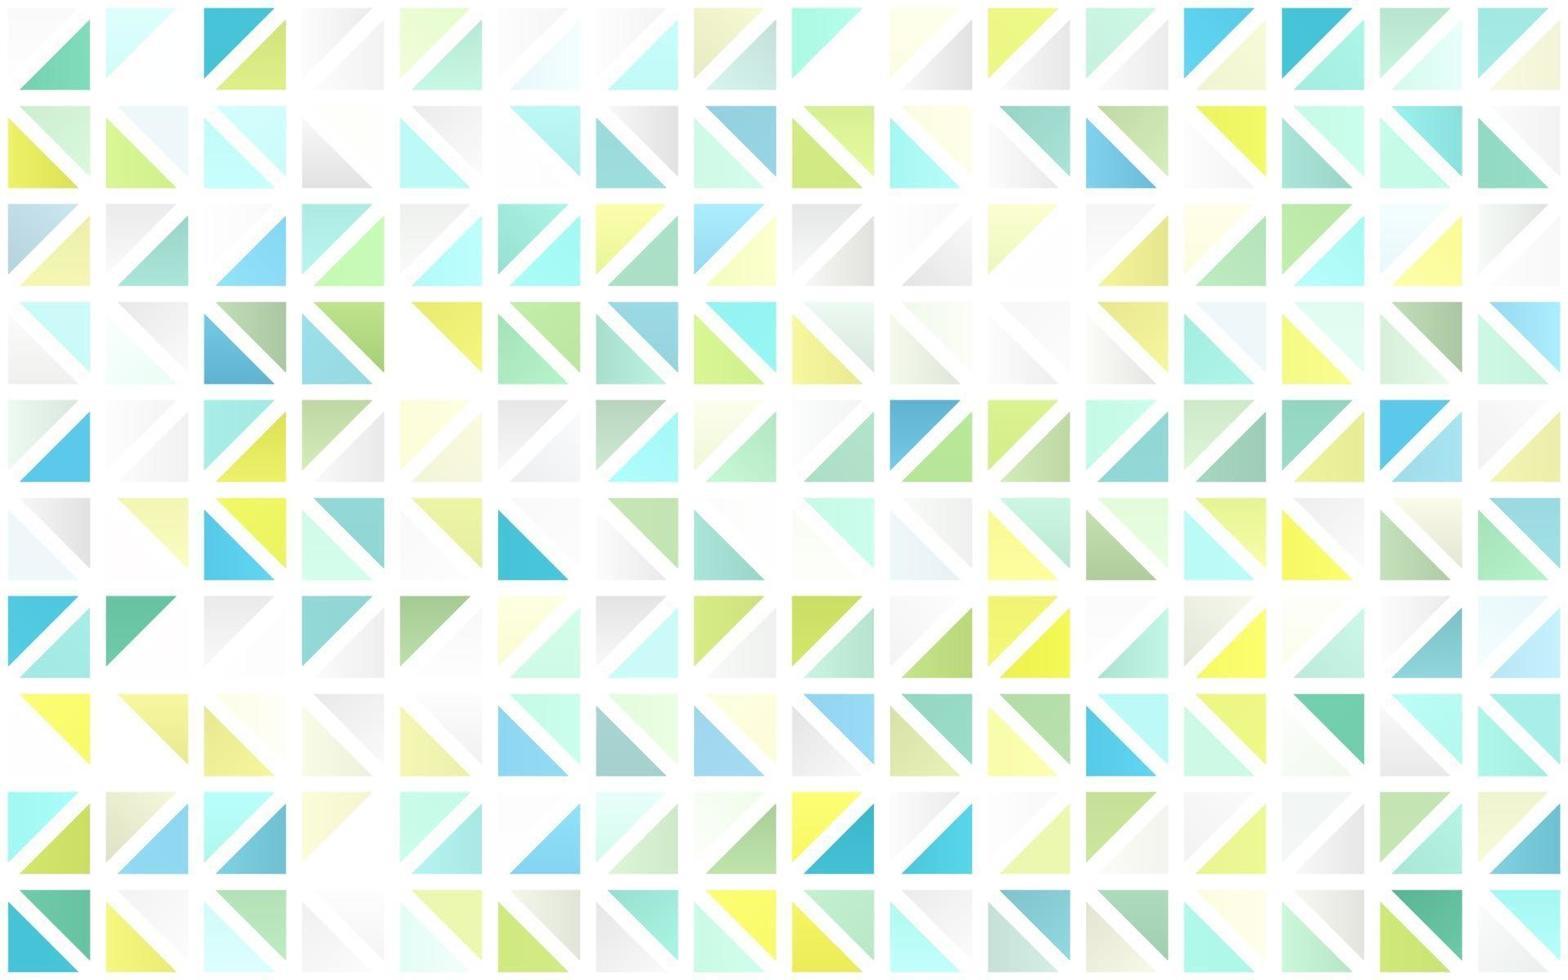 luz verde e amarelo padrão sem emenda de vetor em estilo poligonal.